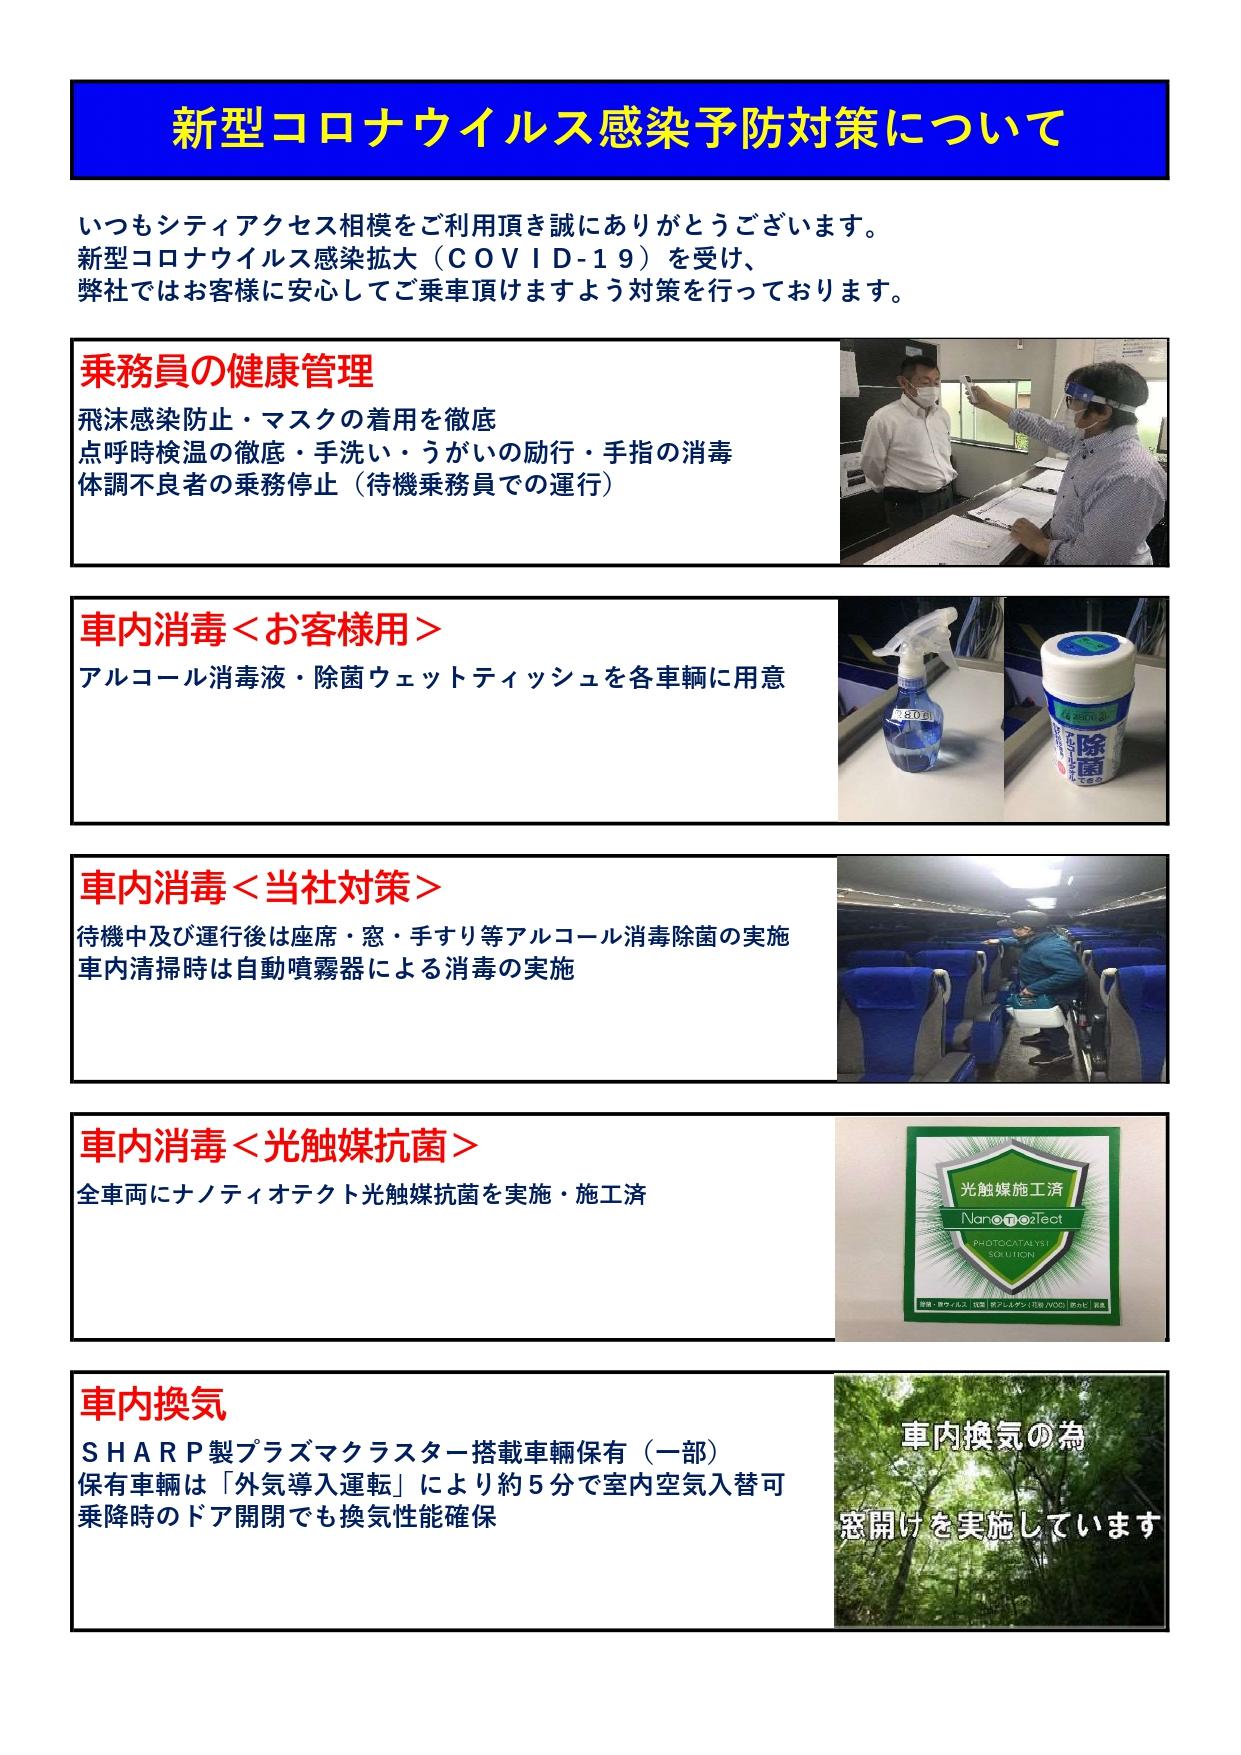 シティアクセス相模【新型コロナウイルス感染症対策案内】※最新版_page-0001